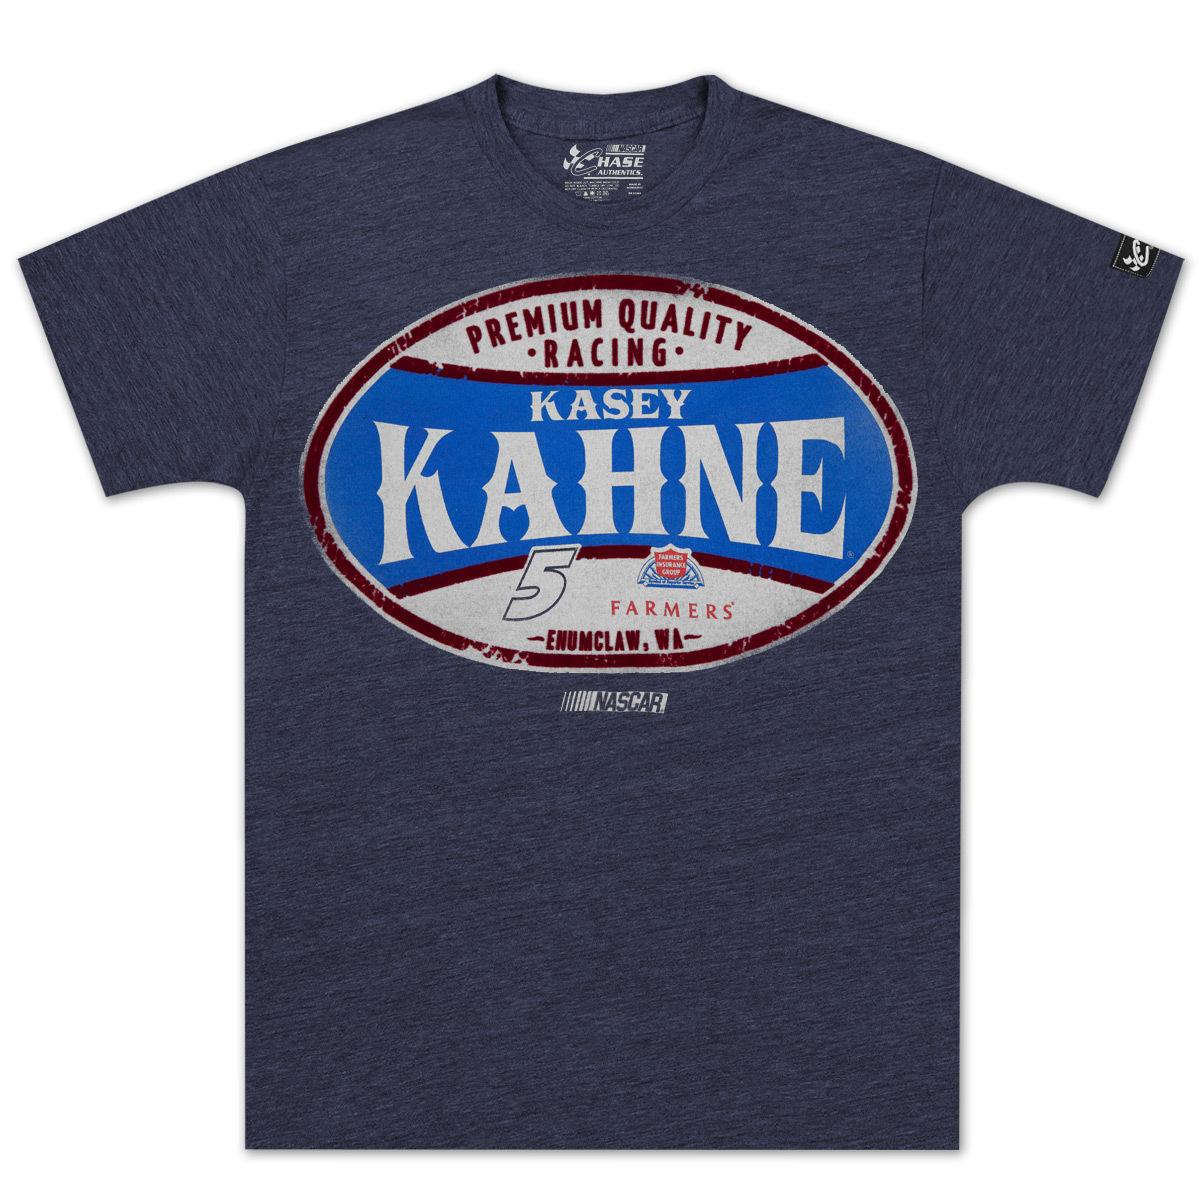 Kasey Kahne #5 Farmers Big Rig T-shirt